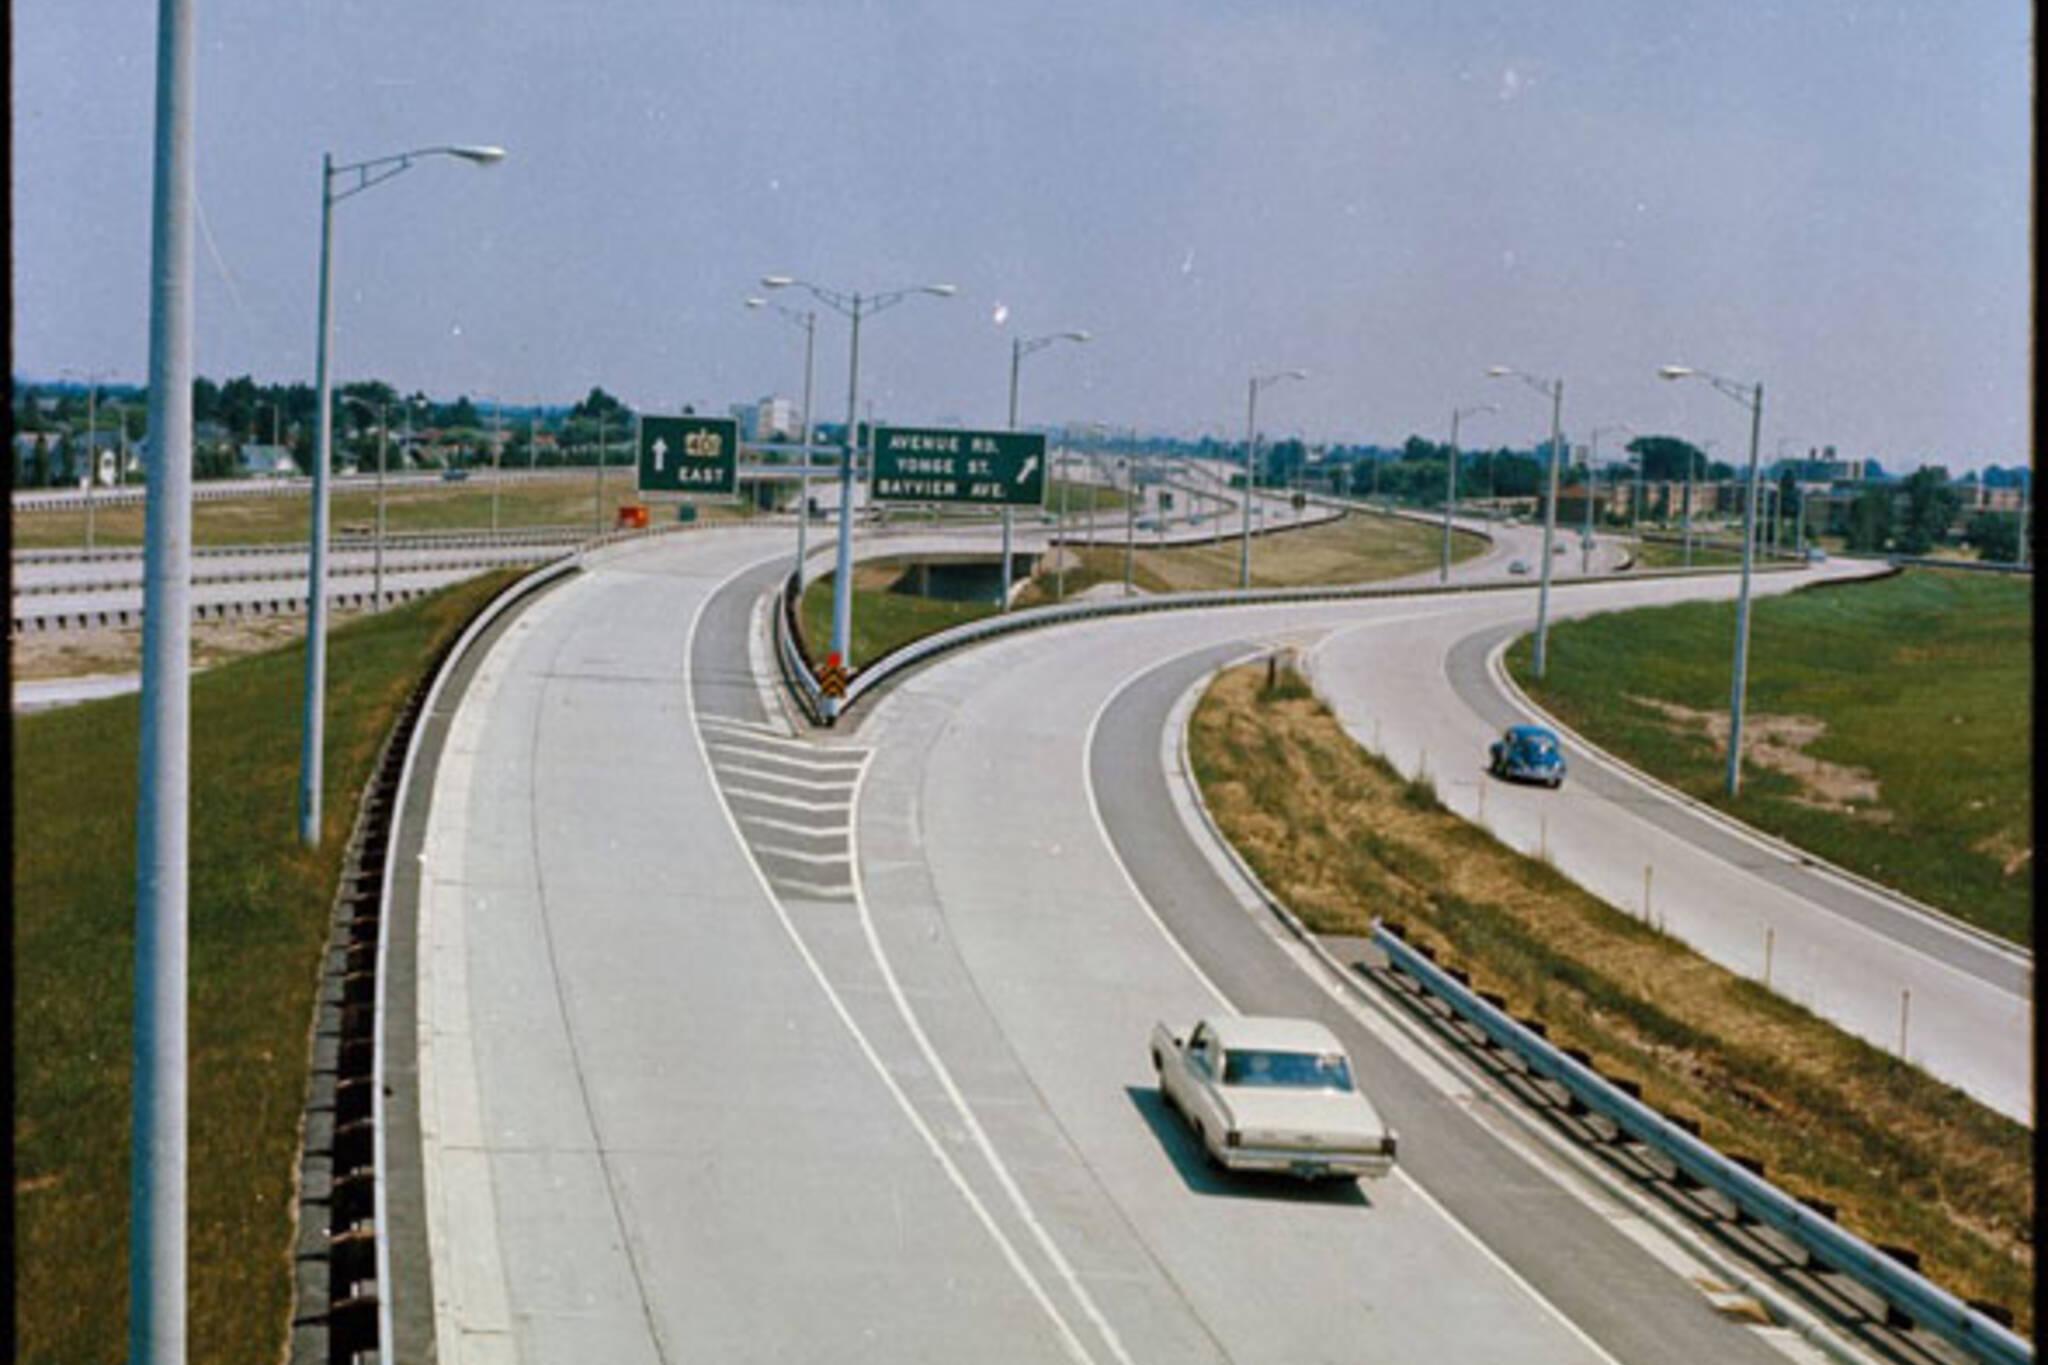 toronto 401 1960s